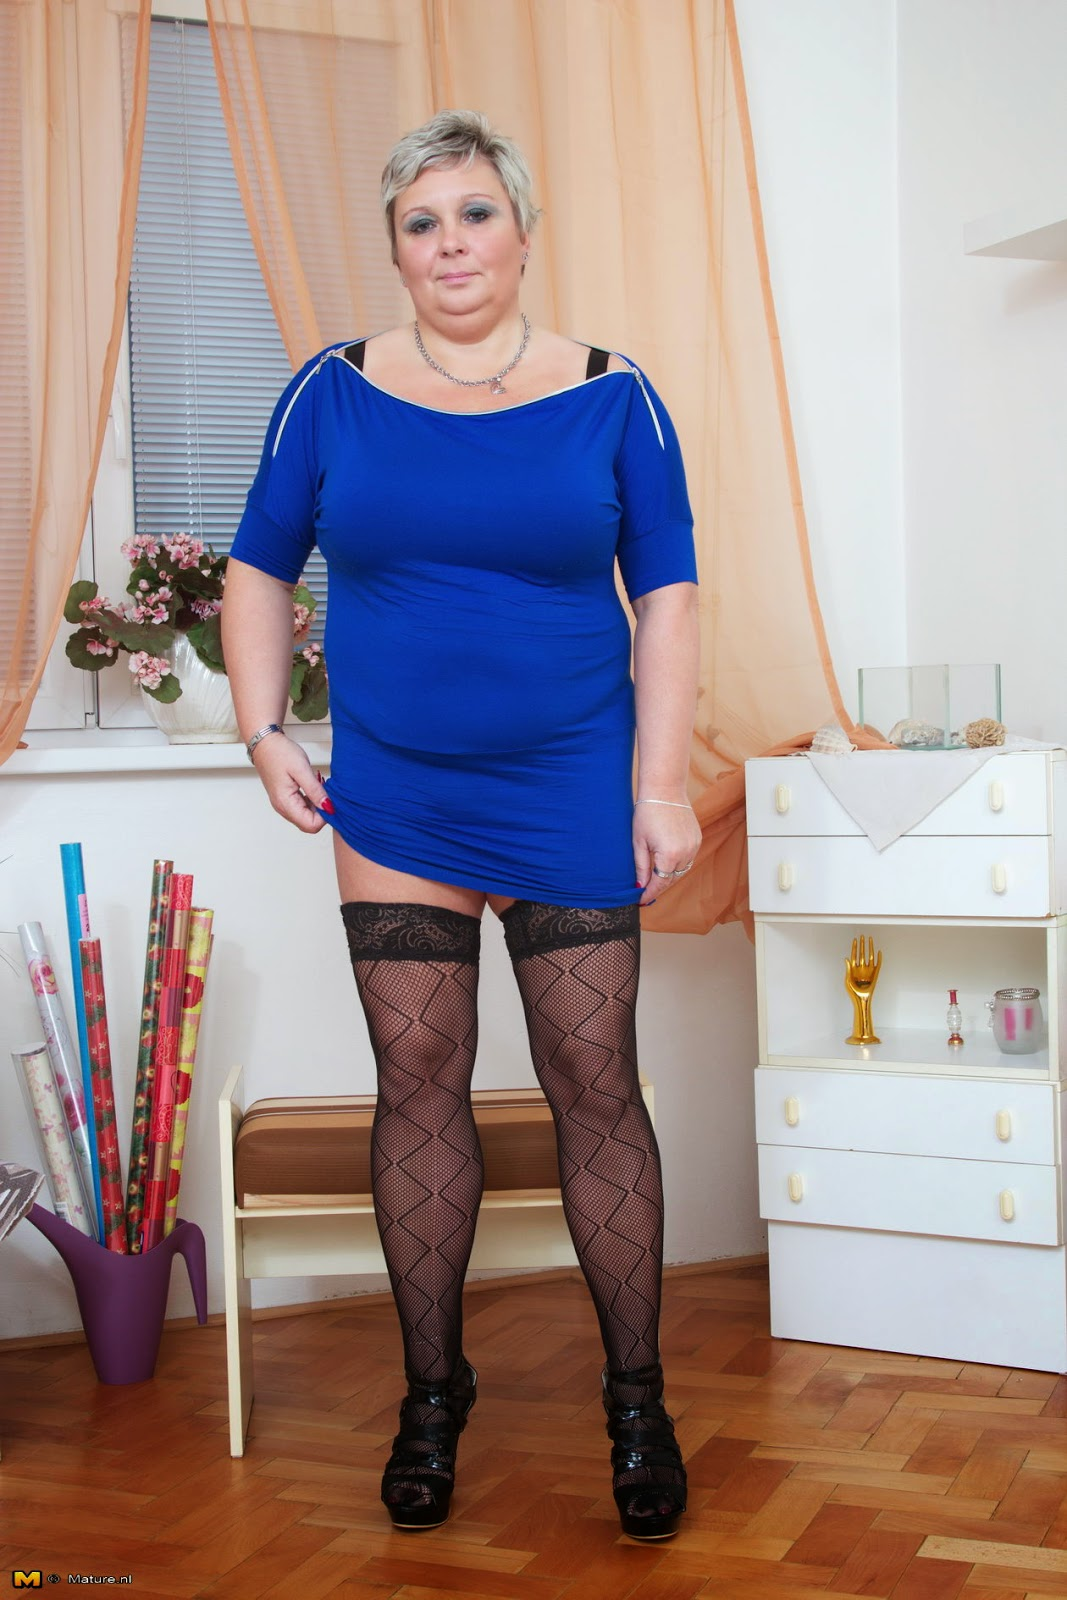 Queensized Beauties: Julie